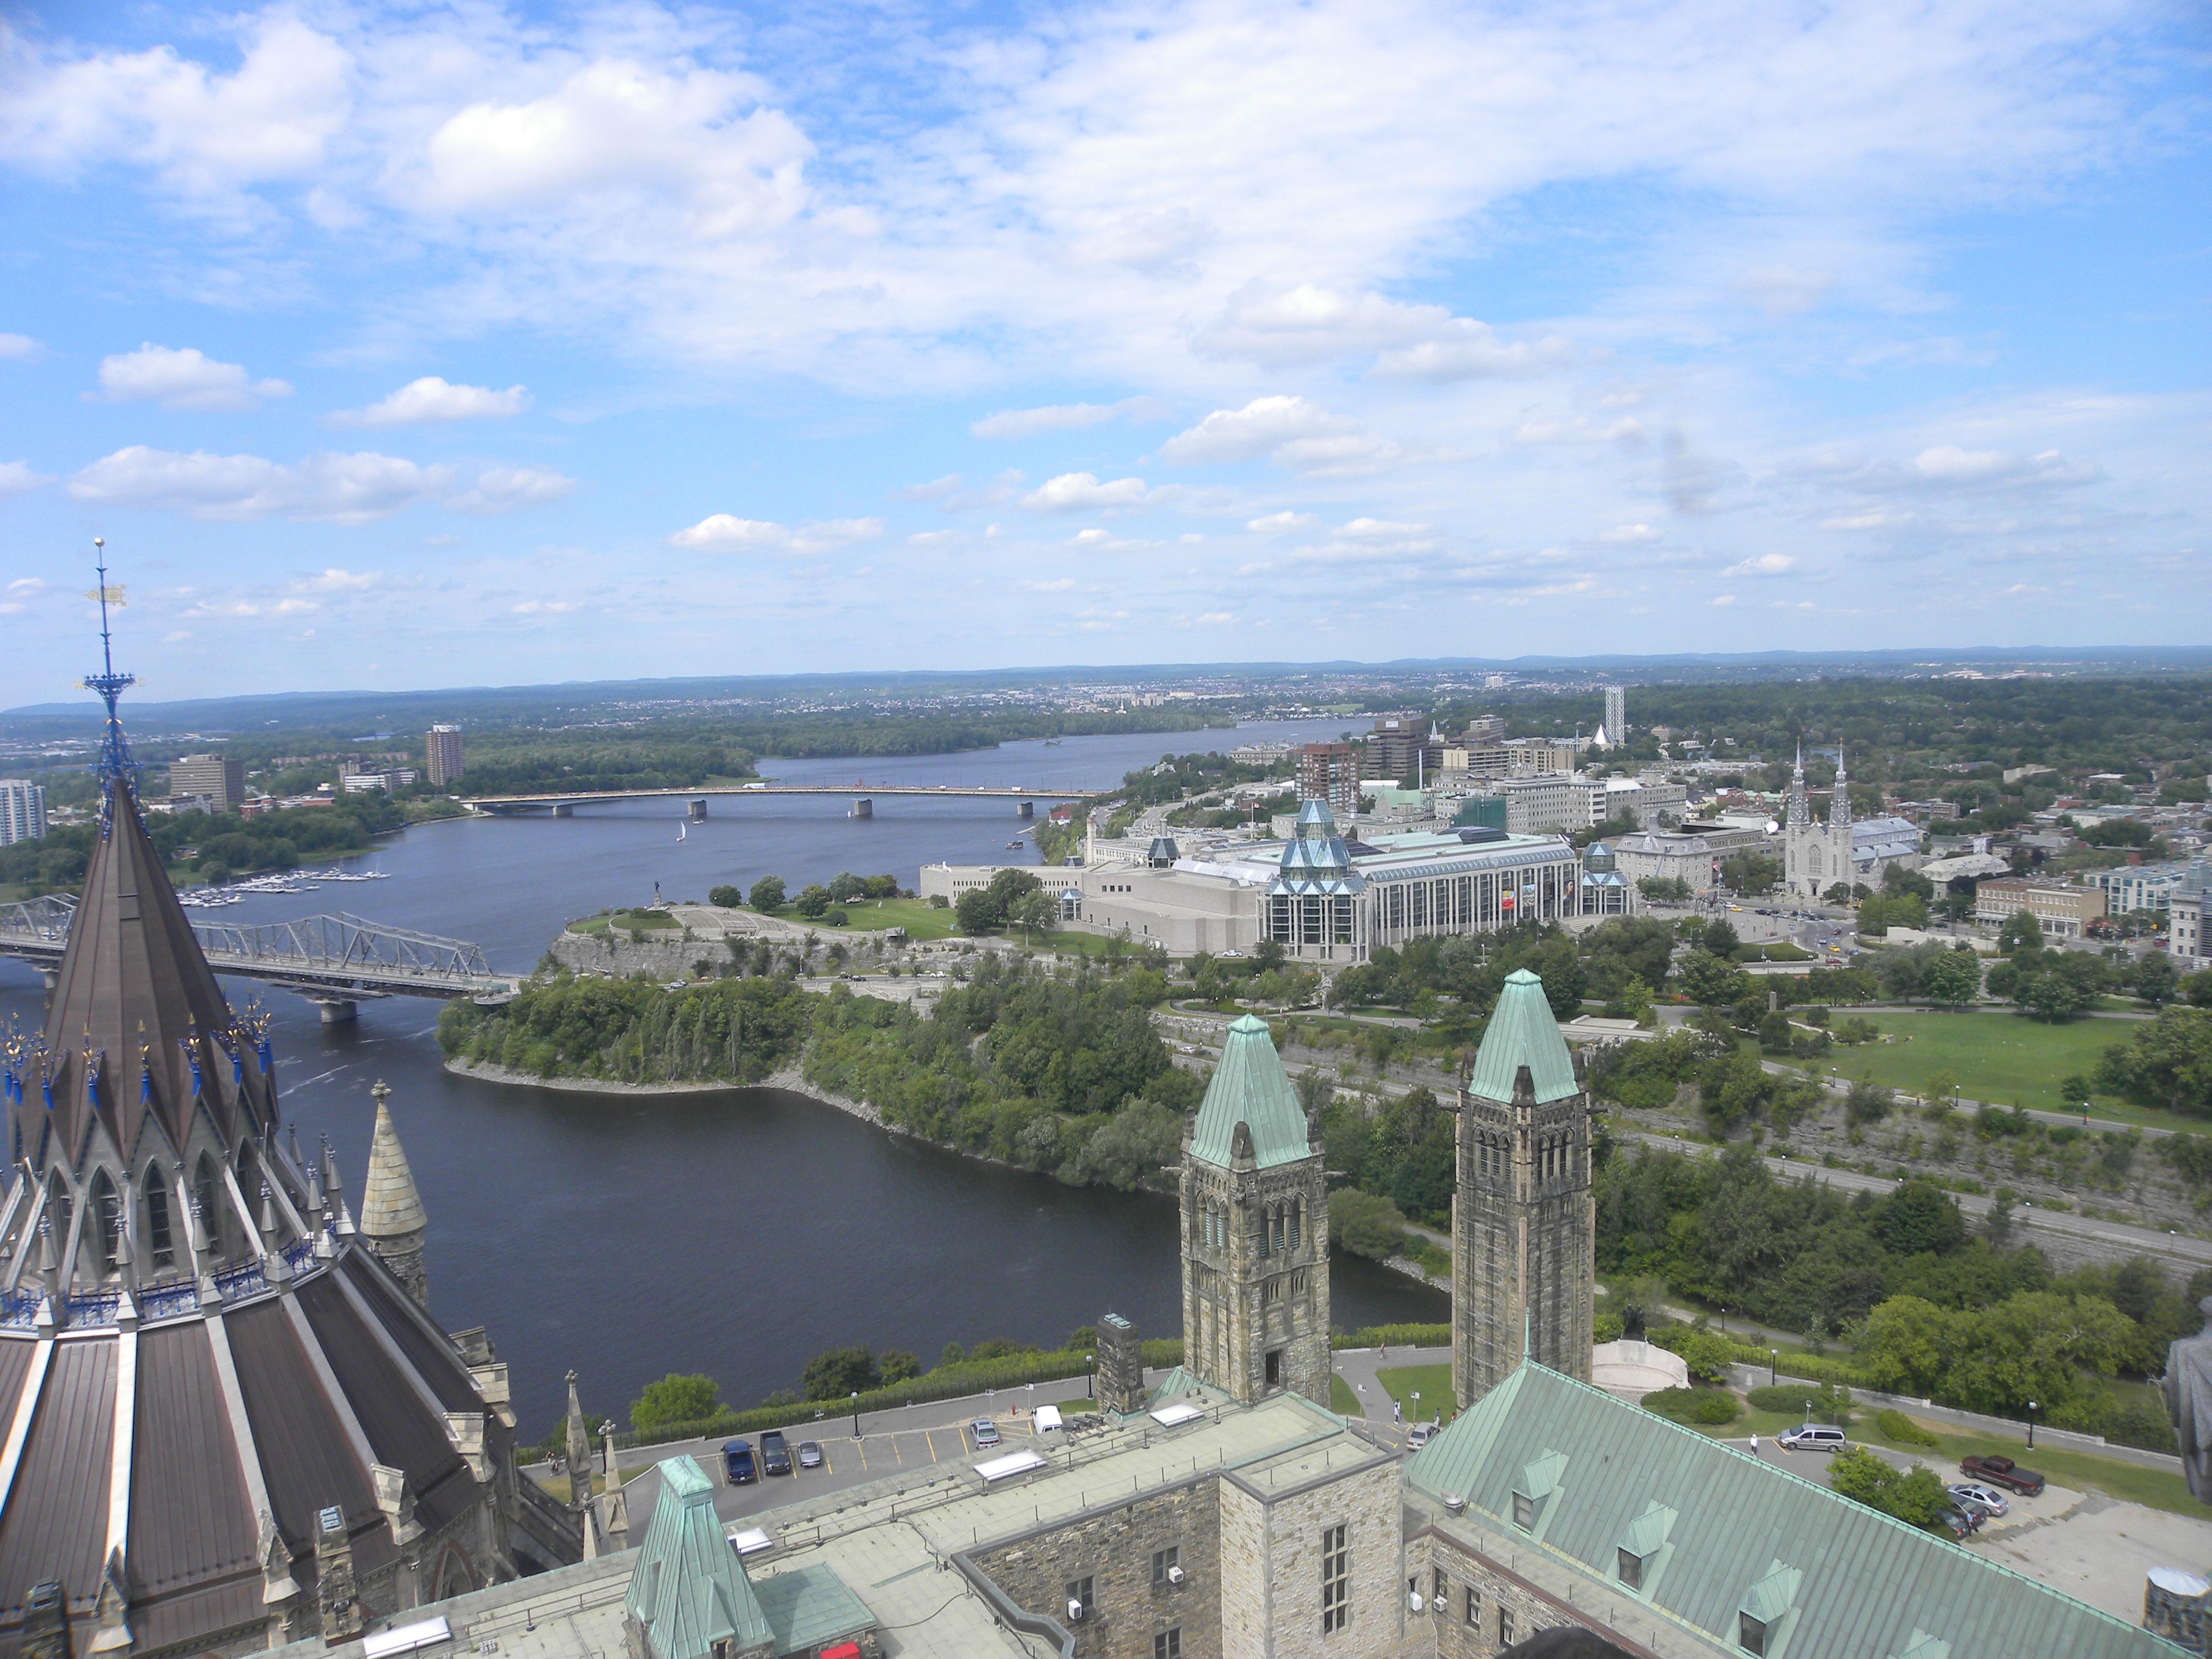 Ottawaview